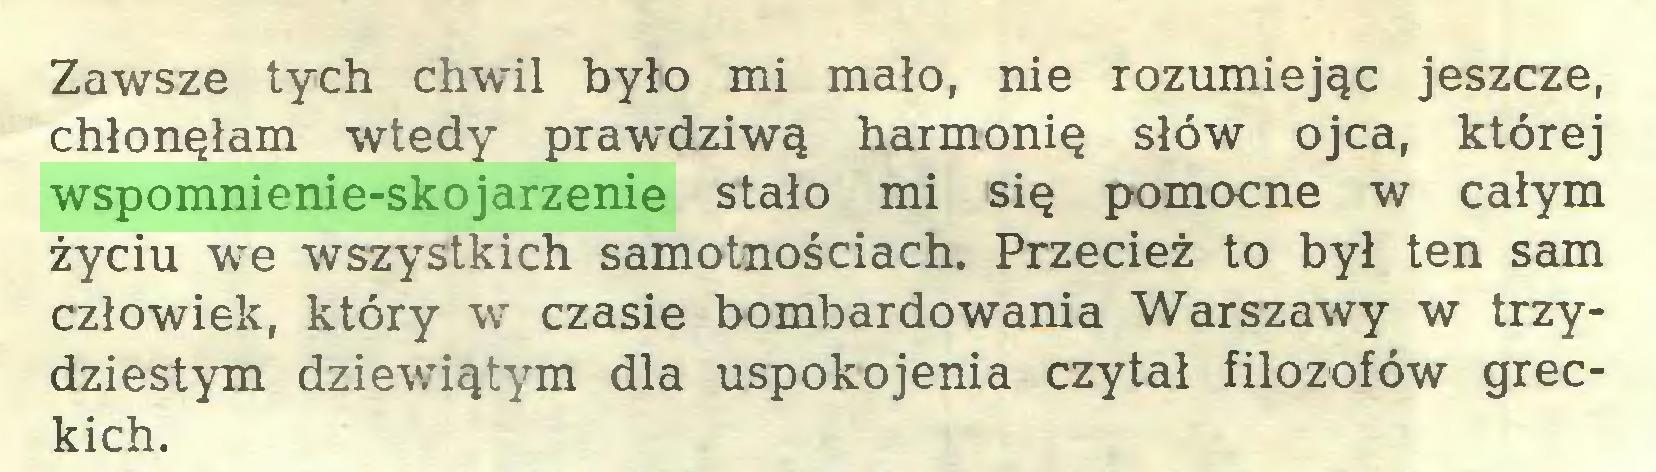 (...) Zawsze tych chwil było mi mało, nie rozumiejąc jeszcze, chłonęłam wtedy prawdziwą harmonię słów ojca, której wspomnienie-skojarzenie stało mi się pomocne w całym życiu we wszystkich samotnościach. Przecież to był ten sam człowiek, który w czasie bombardowania Warszawy w trzydziestym dziewiątym dla uspokojenia czytał filozofów greckich...